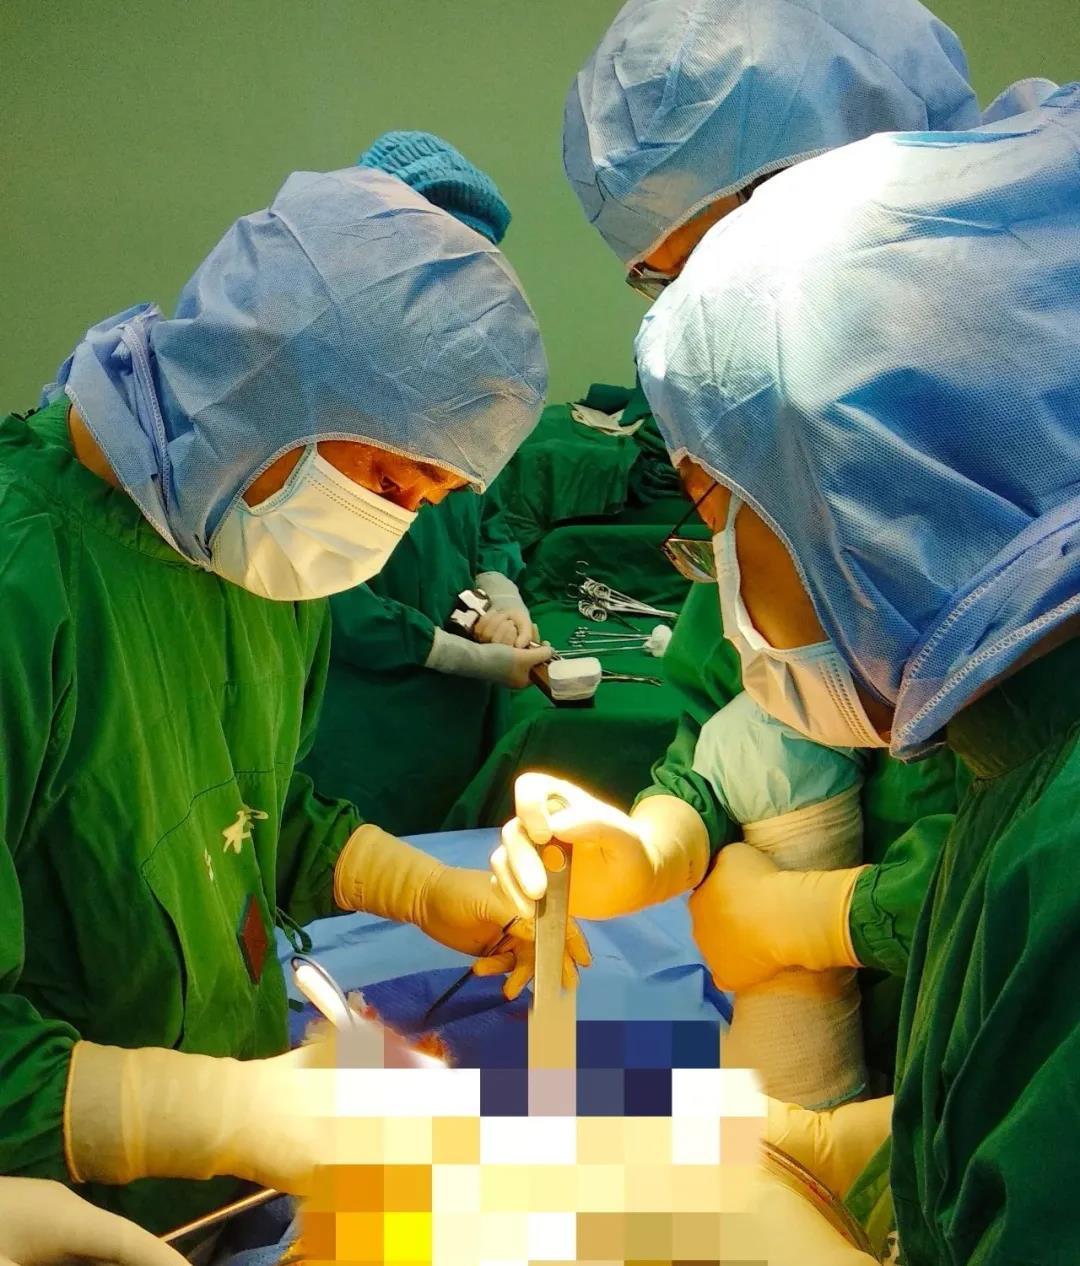 学科力量丨海港医院多学科联合会诊耄耋老人,骨科专家成功实施全髋关节置换